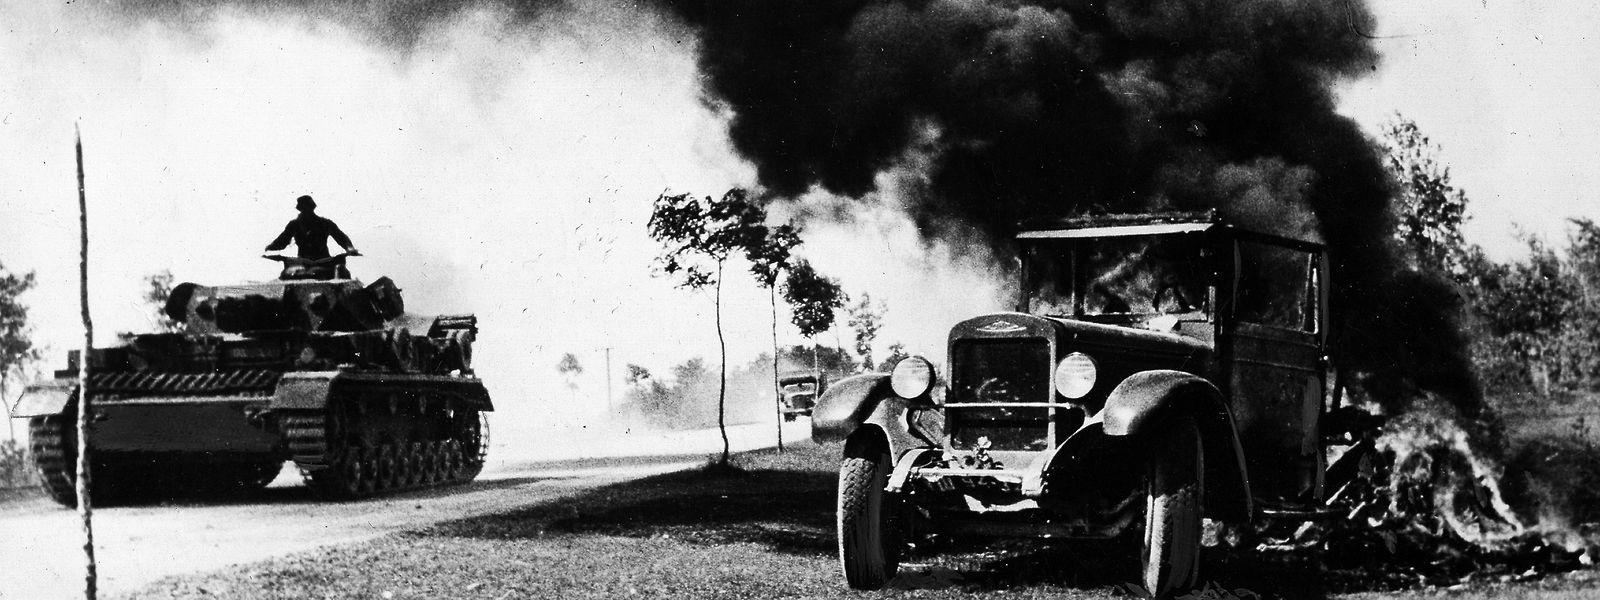 Zweiter Weltkrieg, Russlandfeldzug 1941: Deutscher Angriff auf die Sowjetunion.